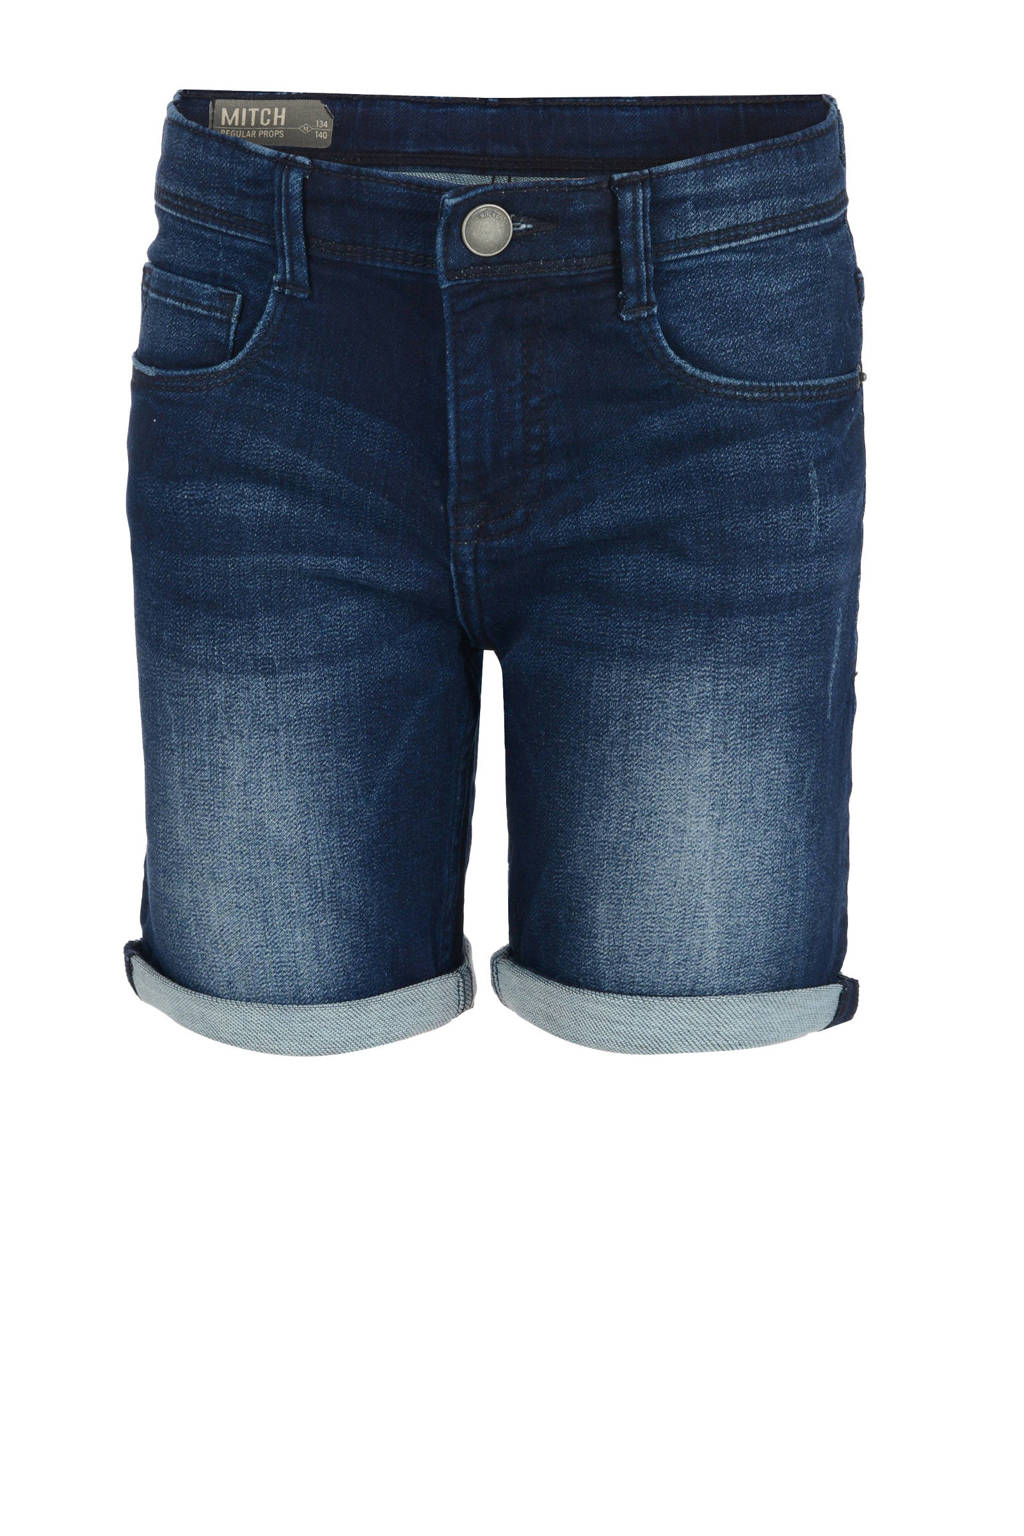 Jill & Mitch by Shoeby jeans bermuda Jay stonewashed, Stonewashed